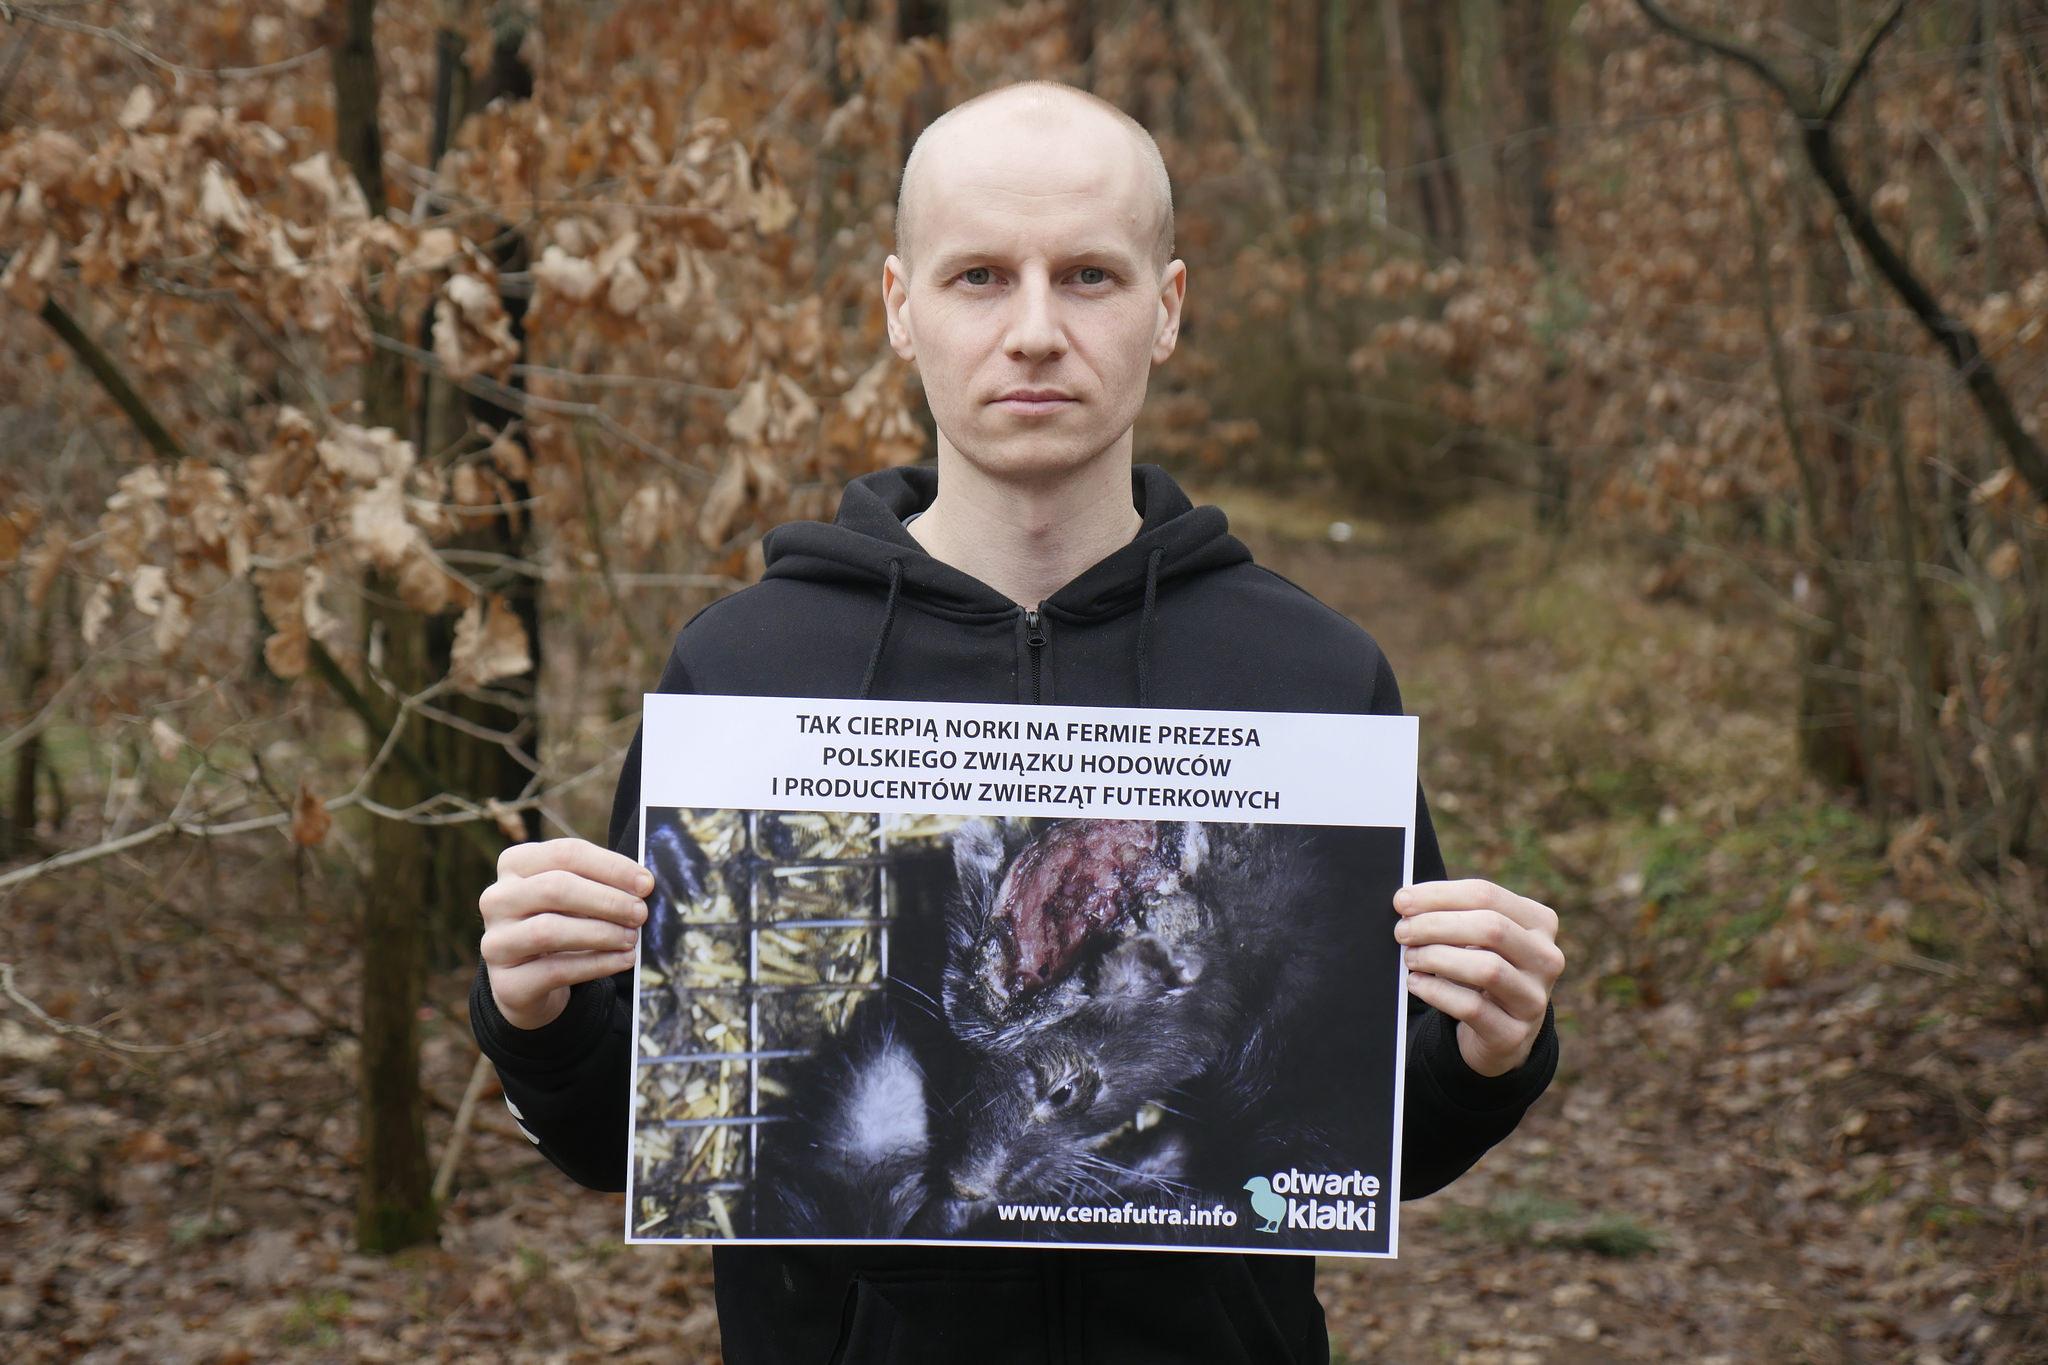 Aktywiści usłyszeli wyrok za ujawnienie okrucieństwa wobec zwierząt